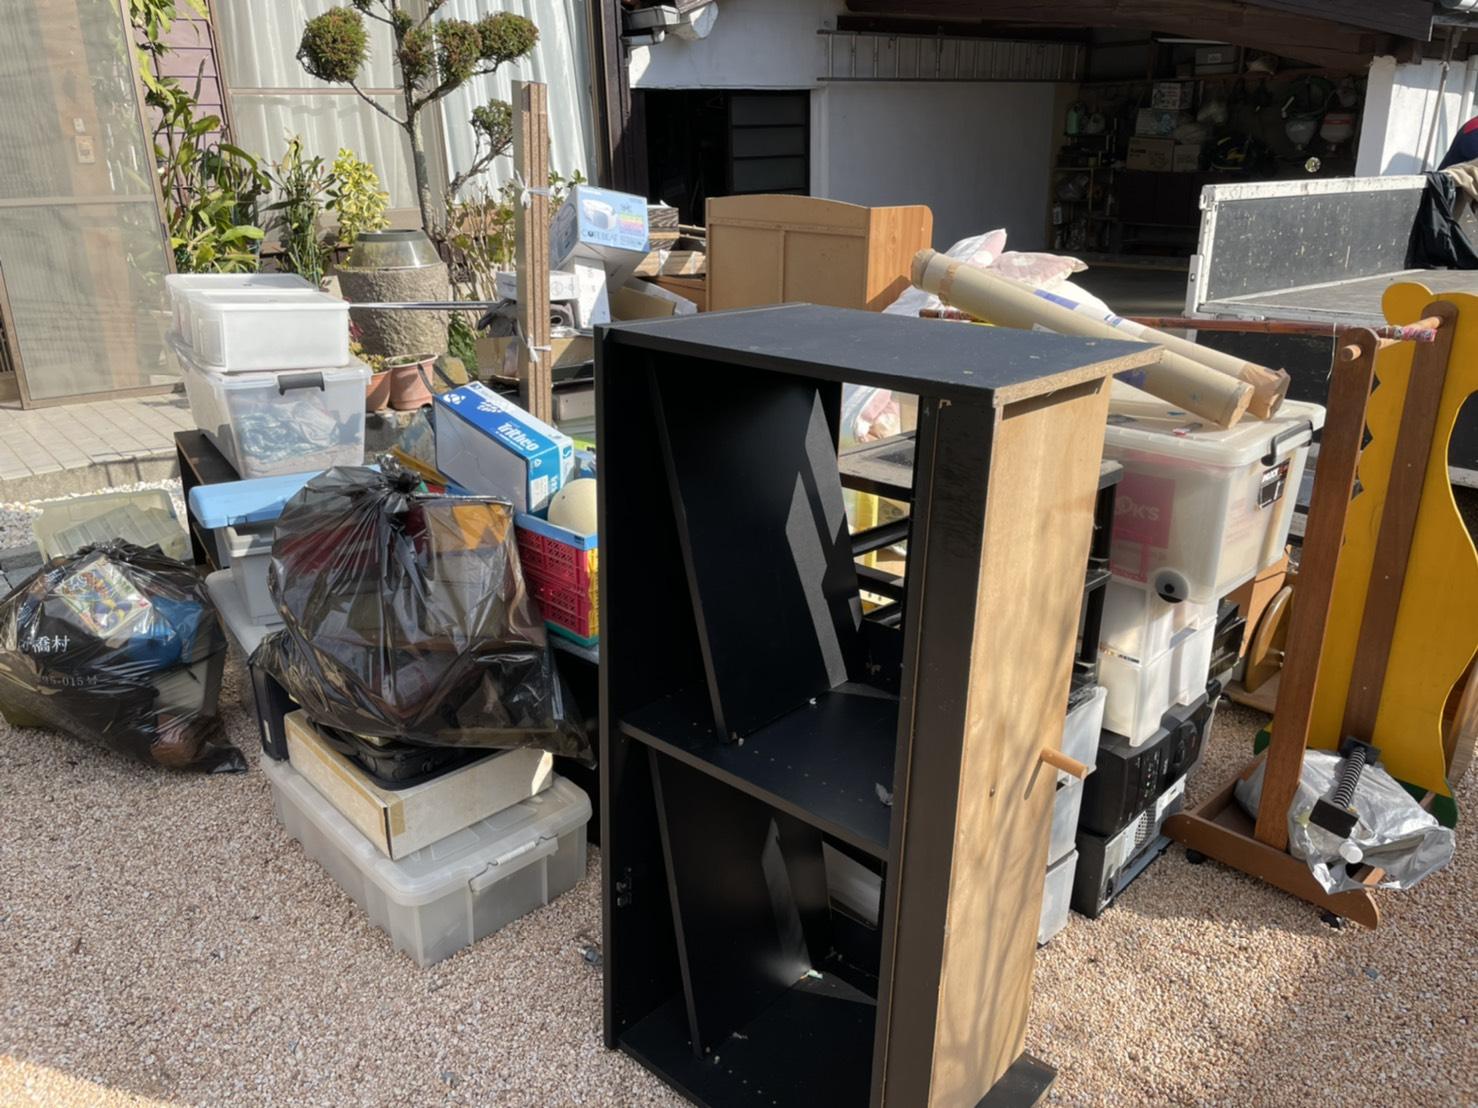 カラーボックス、衣装ケース、その他不用品の回収前